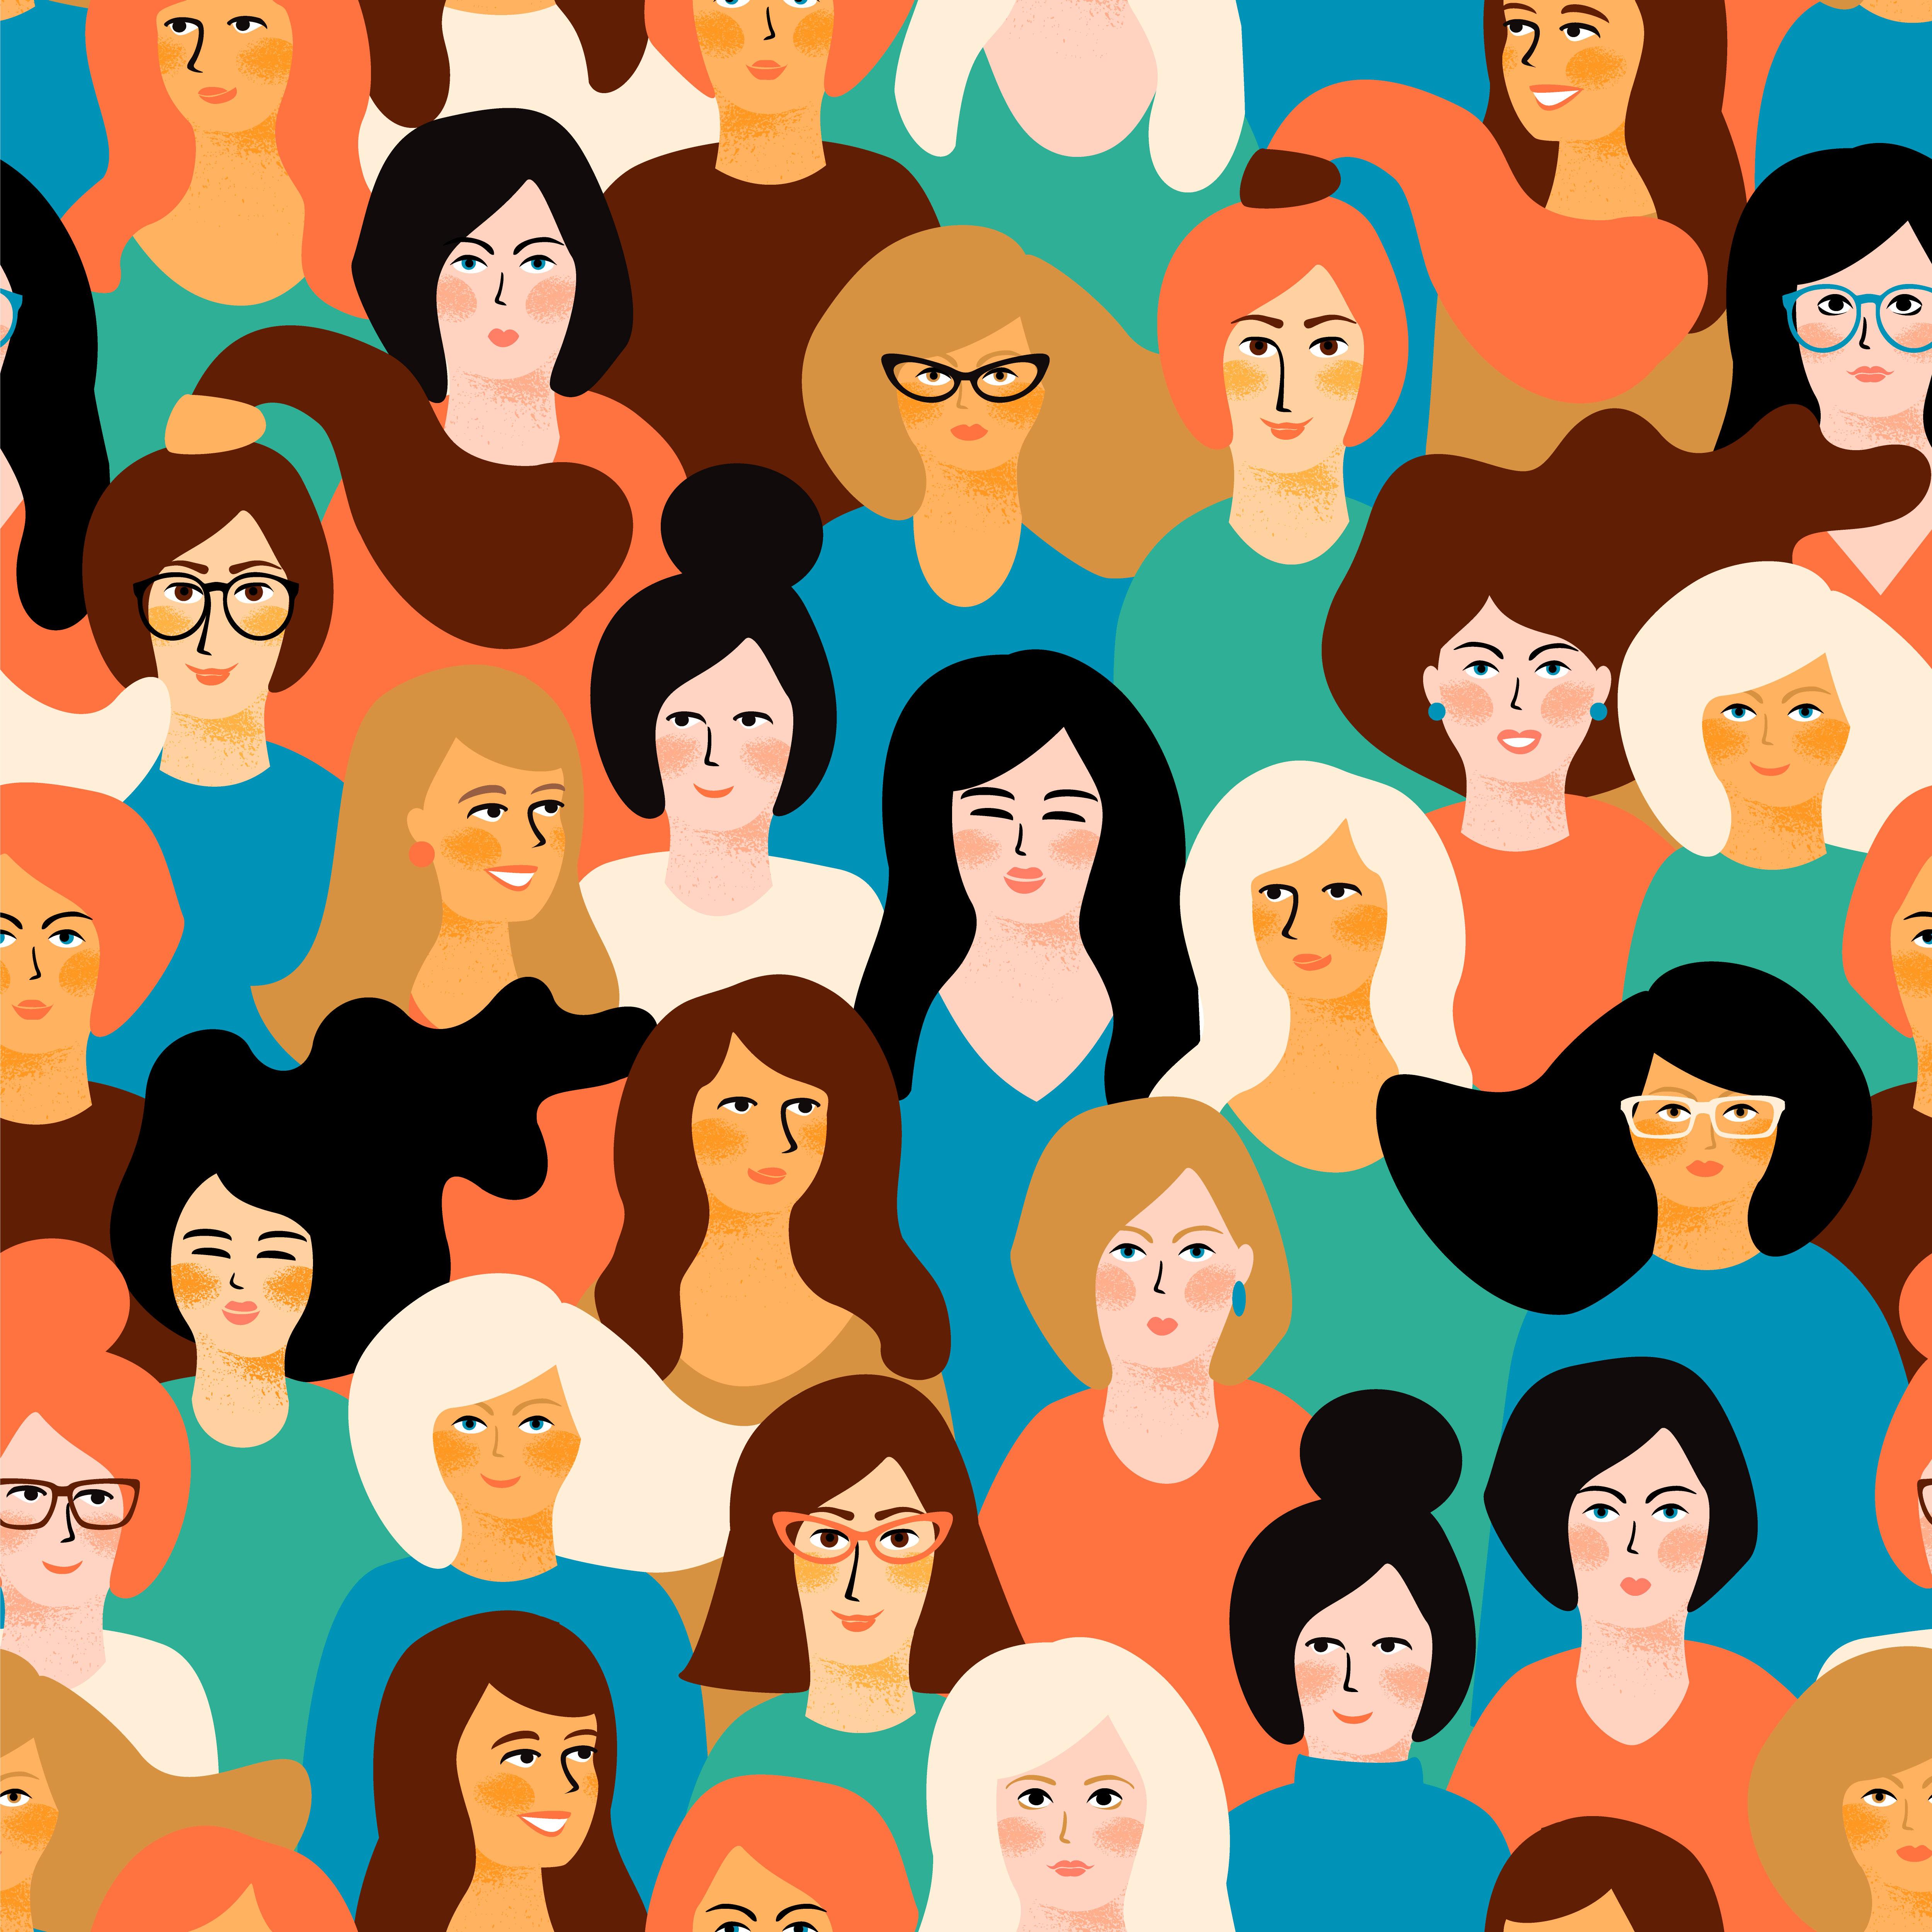 Ny studie av över 600 000 menscykler visar stora skillnader mellan kvinnors mens.